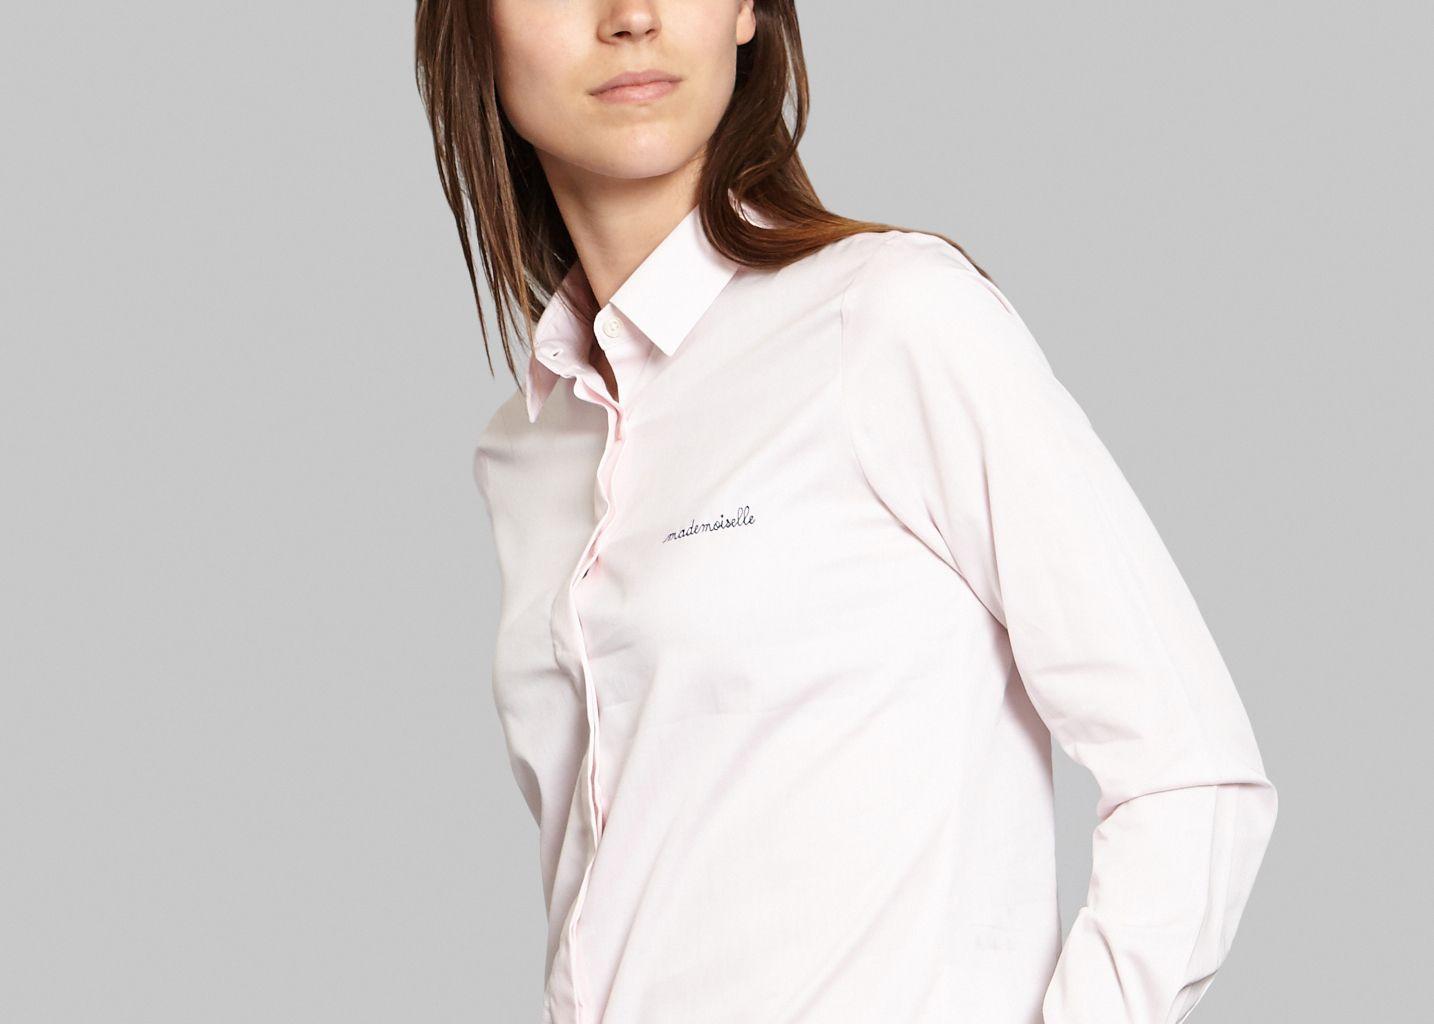 Chemise Mademoiselle - Maison Labiche